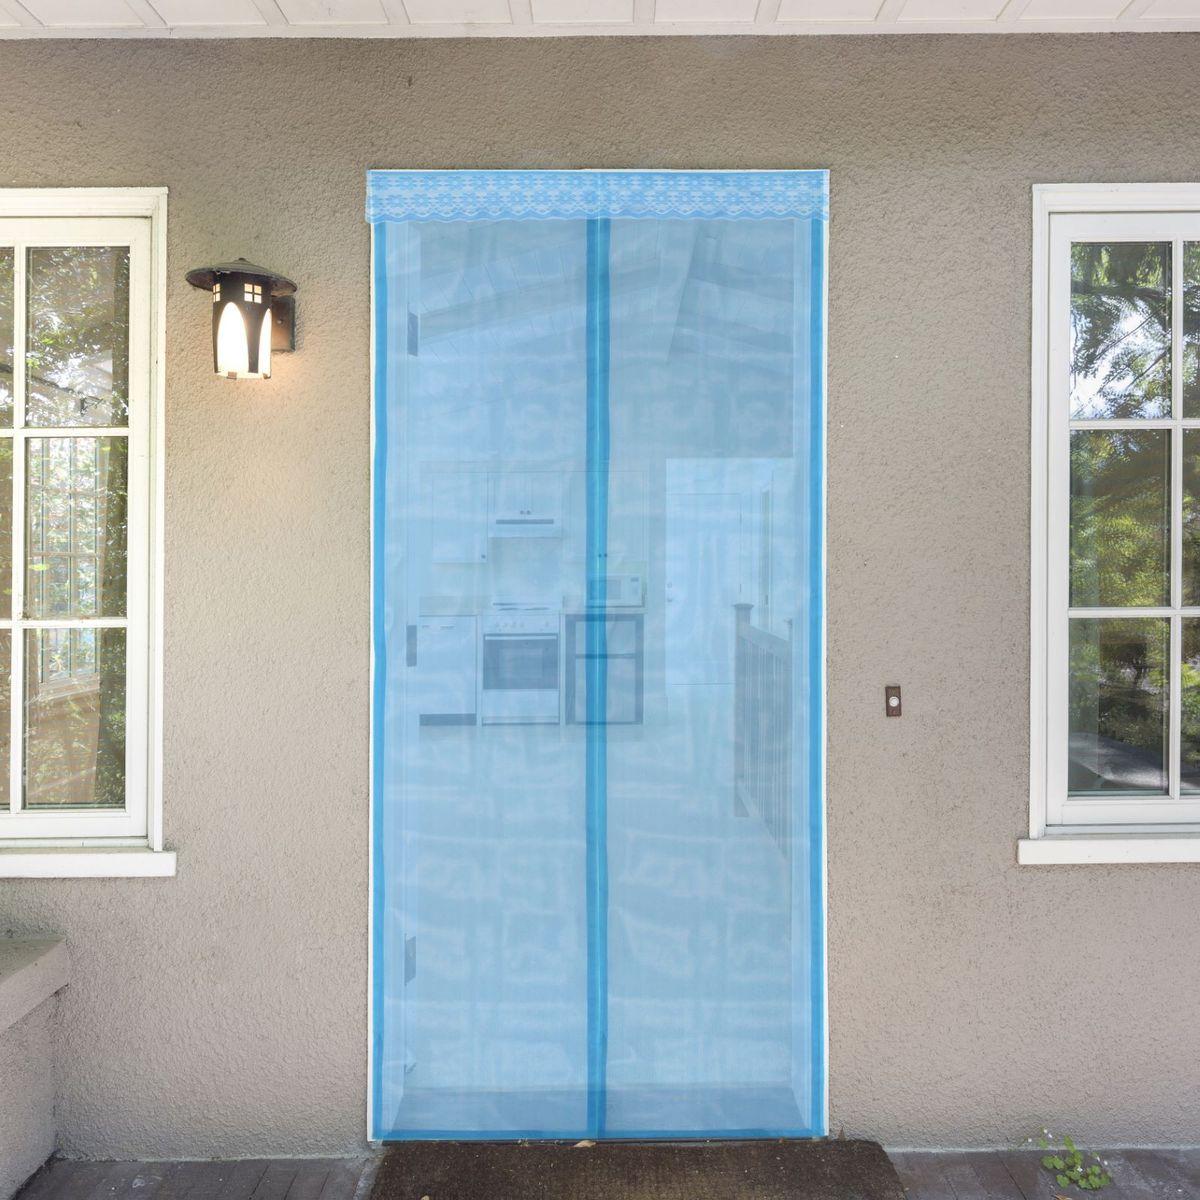 Сетка антимоскитная, на магнитной ленте, цвет: голубой, 80 х 210 см637929Занавес от насекомых на магнитной ленте универсален в использовании: подвесьте его при входе в садовый дом или балкон, чтобы предотвратить попадание комаров внутрь жилища. Наслаждайтесь свежим воздухом без компании надоедливых насекомых! Чтобы зафиксировать занавес в дверном проеме, достаточно закрепить занавеску по периметру двери с помощью кнопок, идущих в комплекте. В комплект входит: полиэстеровая сетка-штора (80 x 210 см) магнитная лента крепежные крючки. Принцип действия занавеса предельно прост: каждый раз, когда вы будете проходить сквозь шторы, они автоматически «захлопнутся» за вами благодаря магнитам, расположенным по всей его длине.